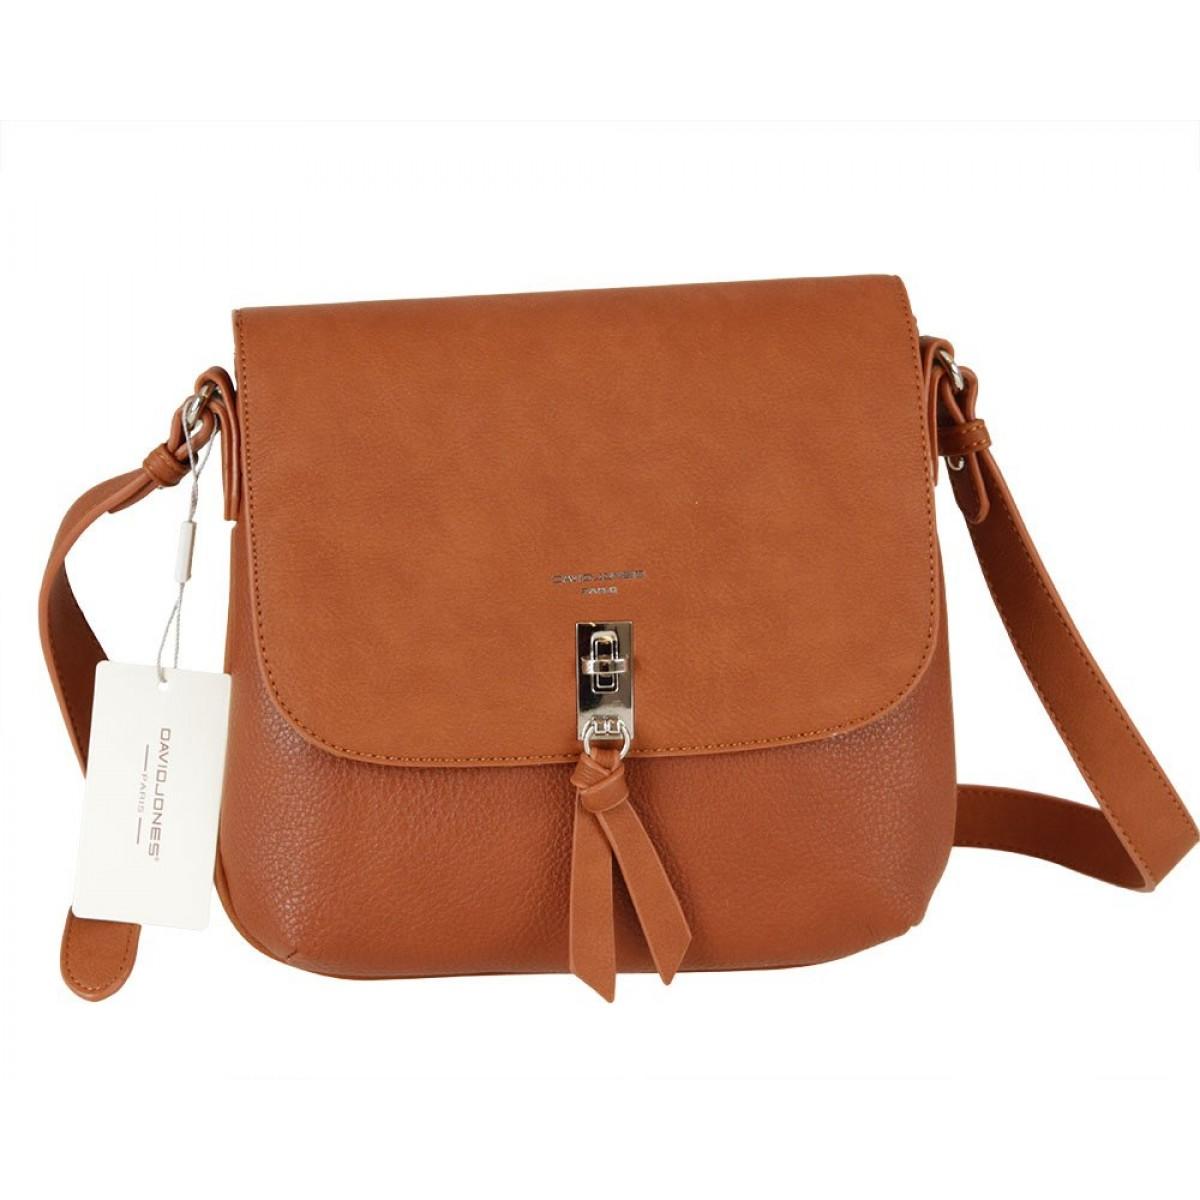 Жіноча сумка David Jones 6425-1 COGNAC